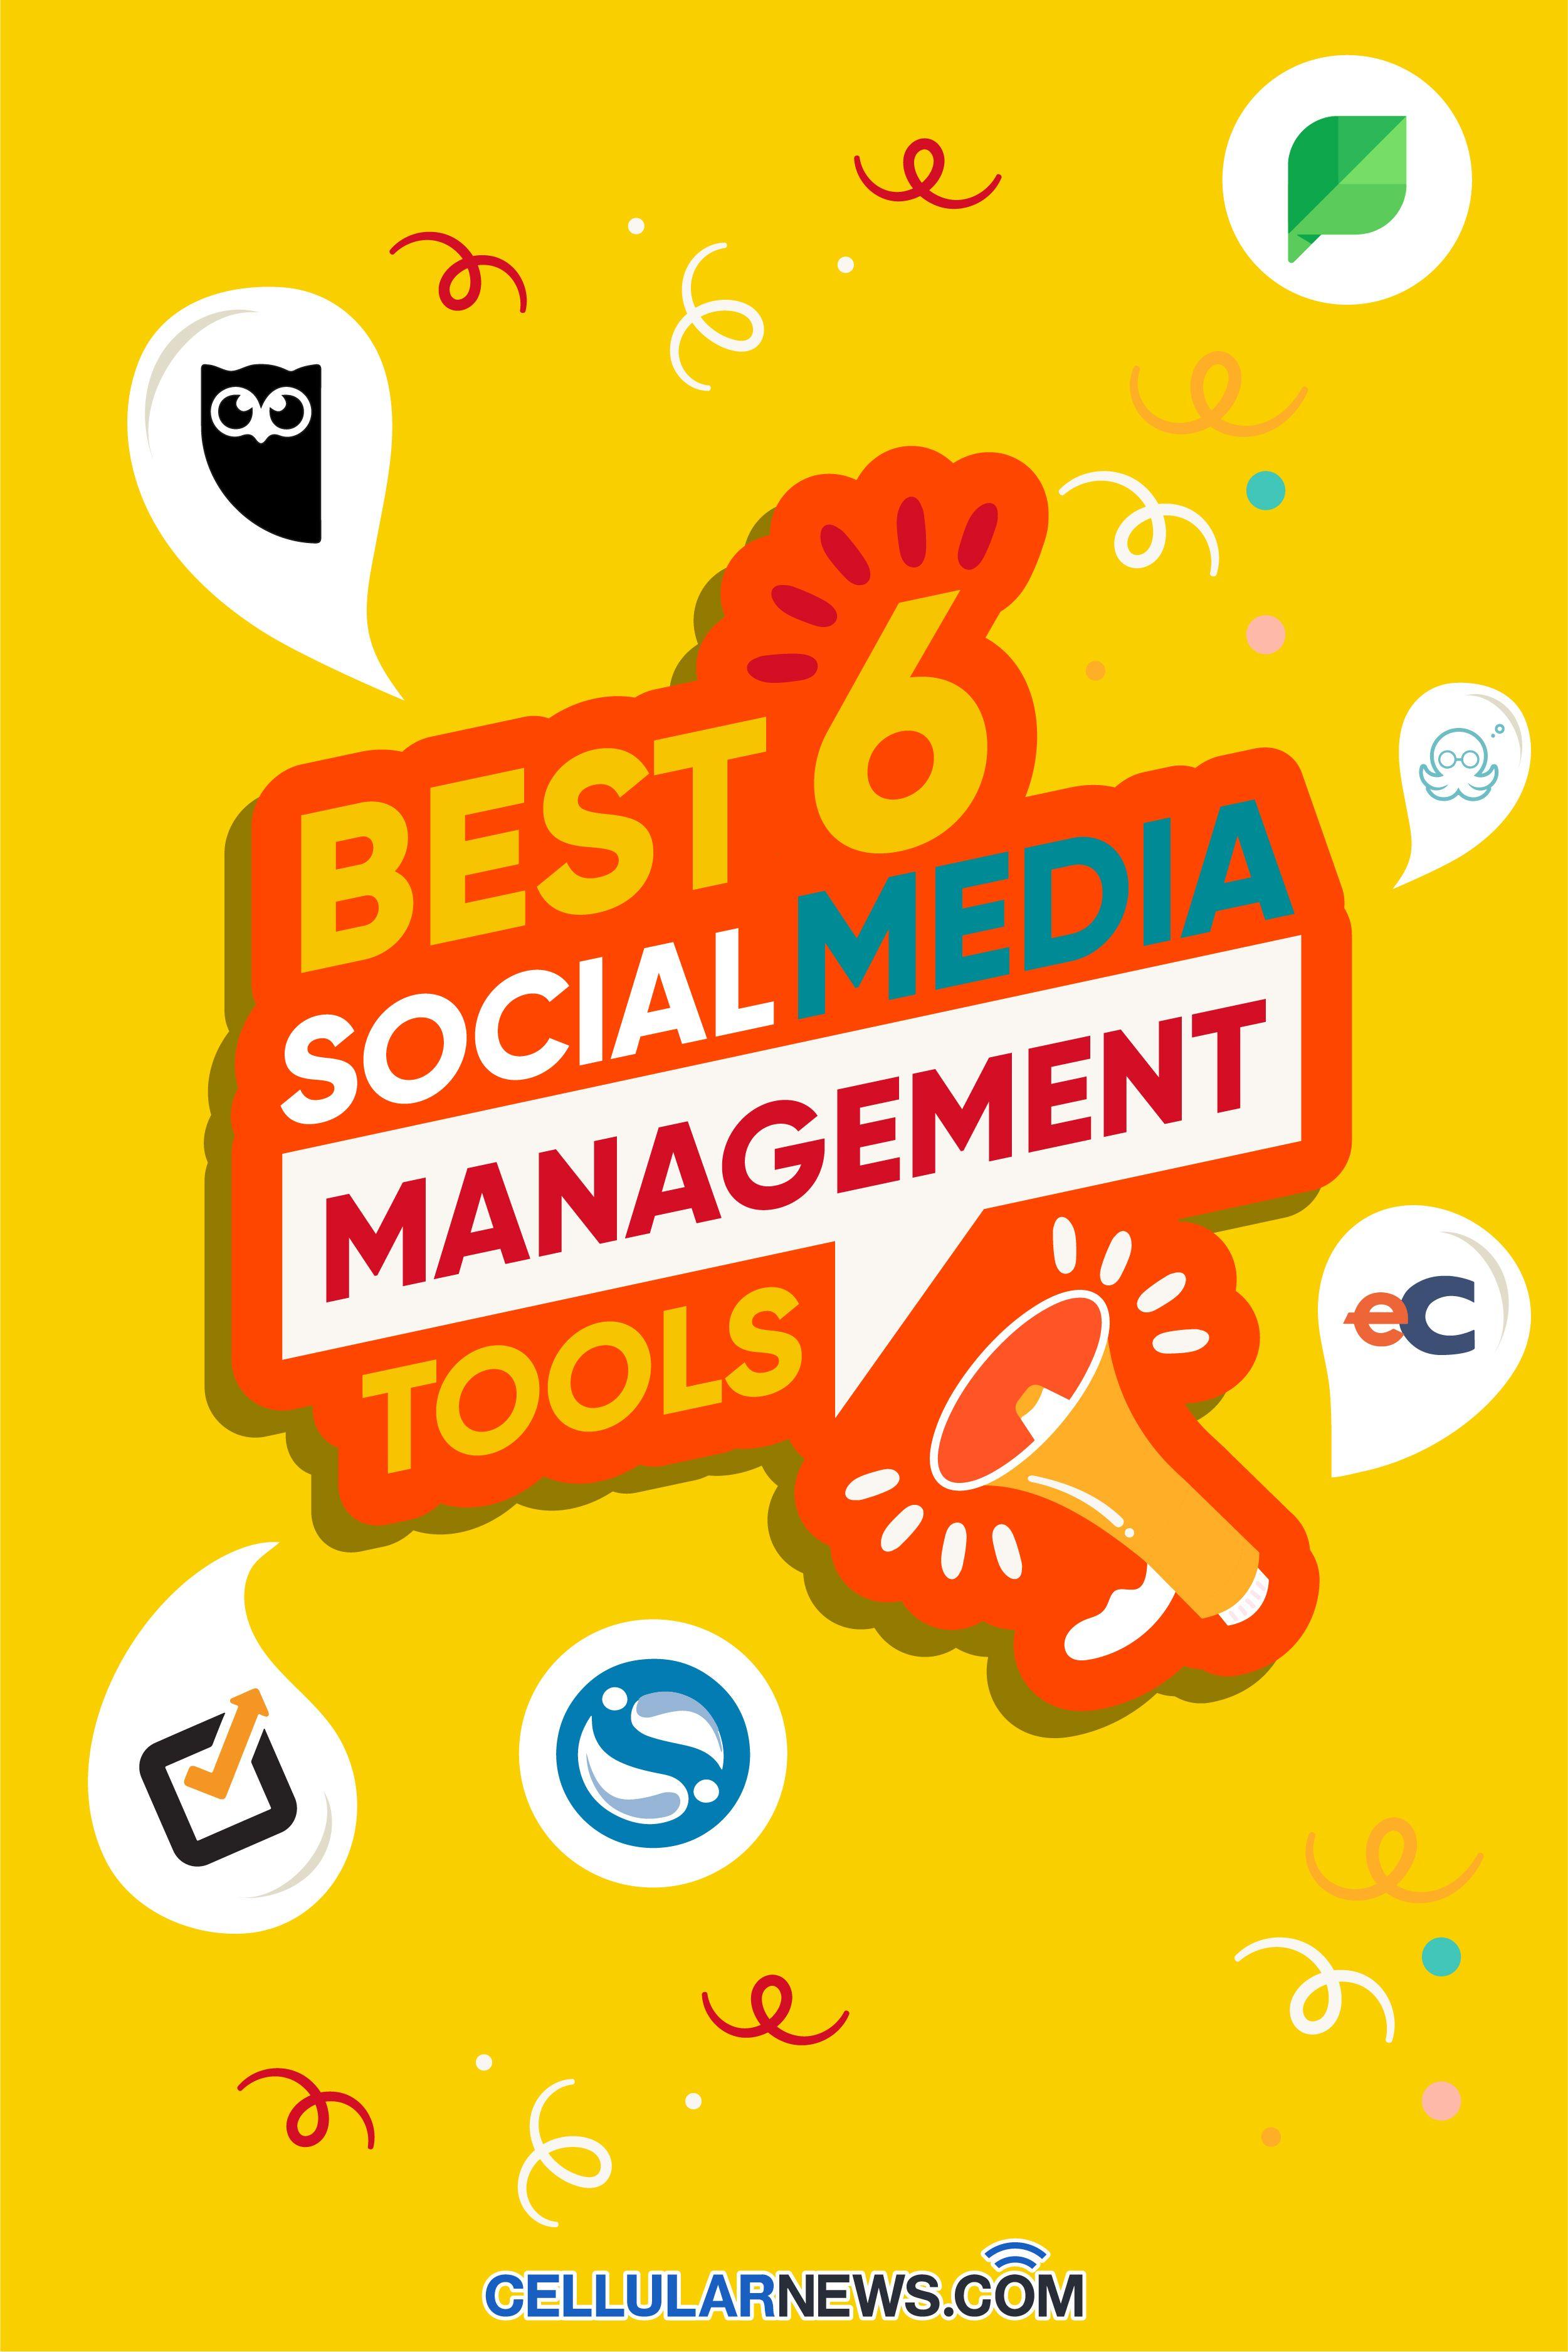 Best 6 Social Media Management Tools In 2021 Social Media Management Tools Social Media Manager Social Media Apps